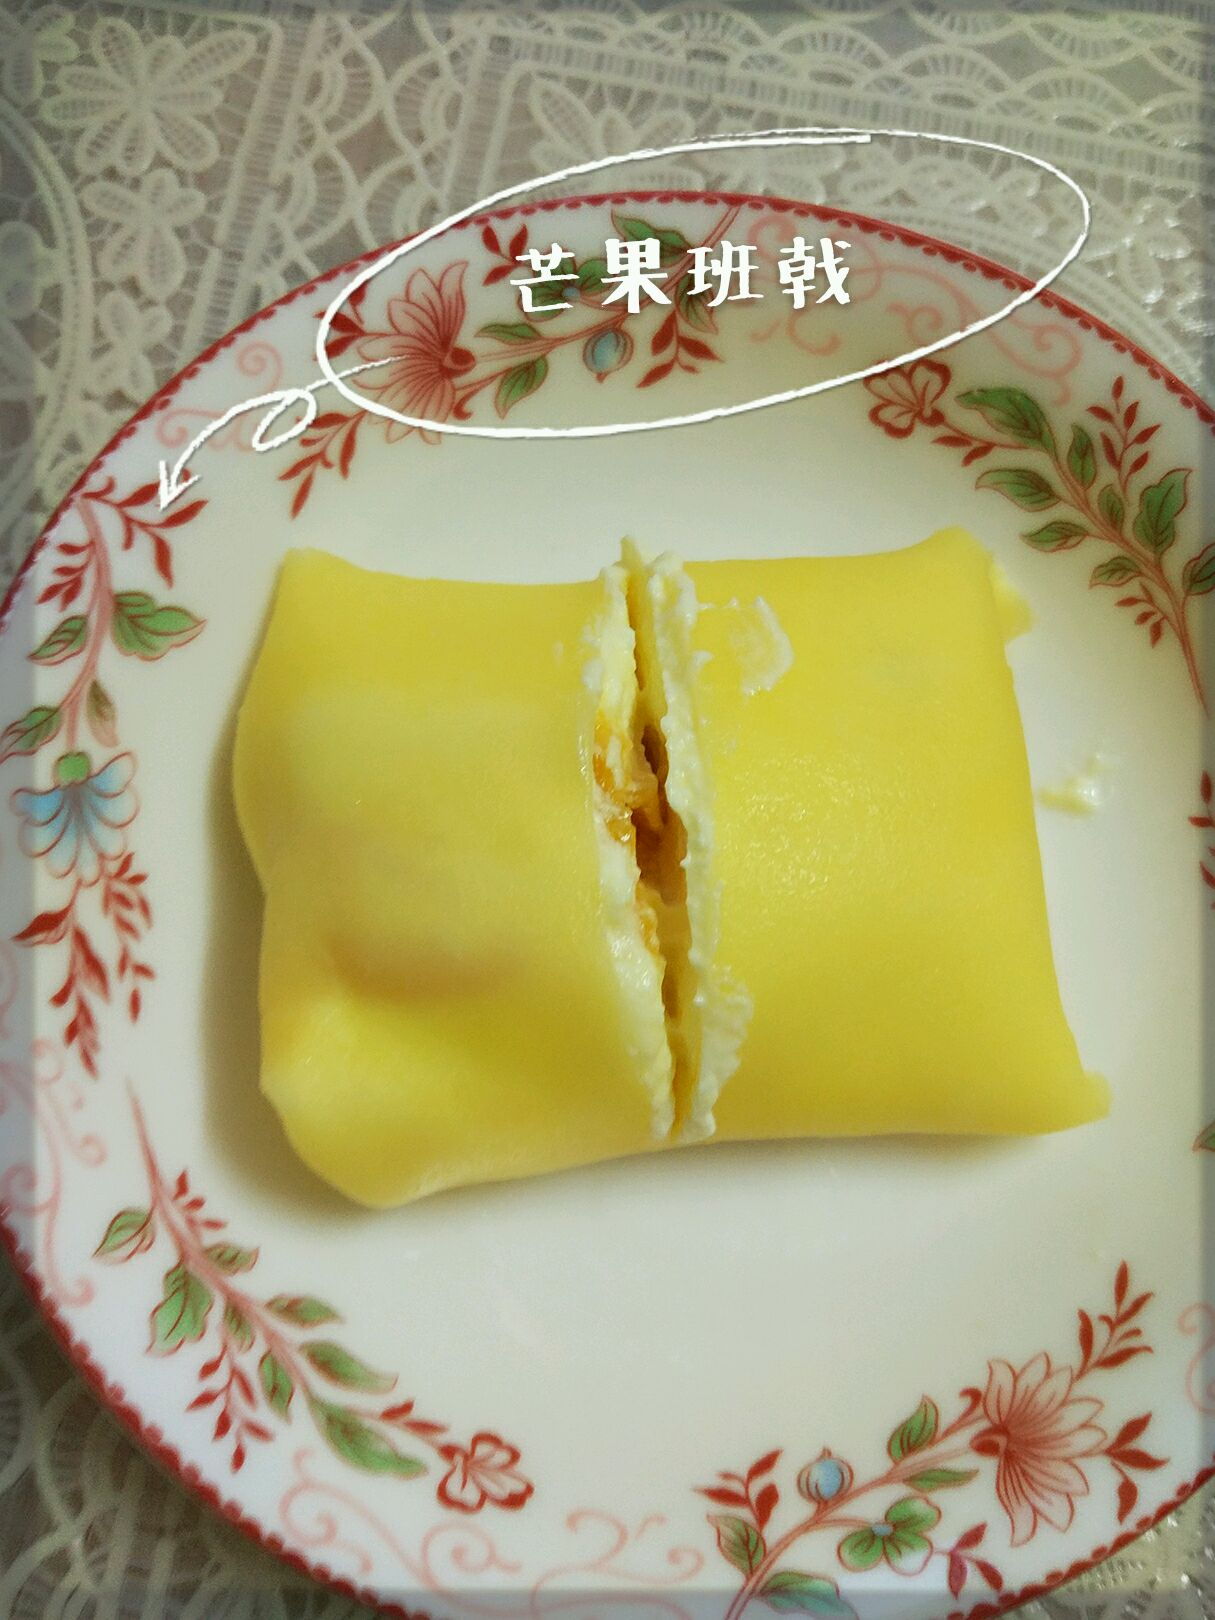 细砂糖30g 鸡蛋2个 淡奶油250ml 芒果适量 芒果班戟的做法步骤 4.